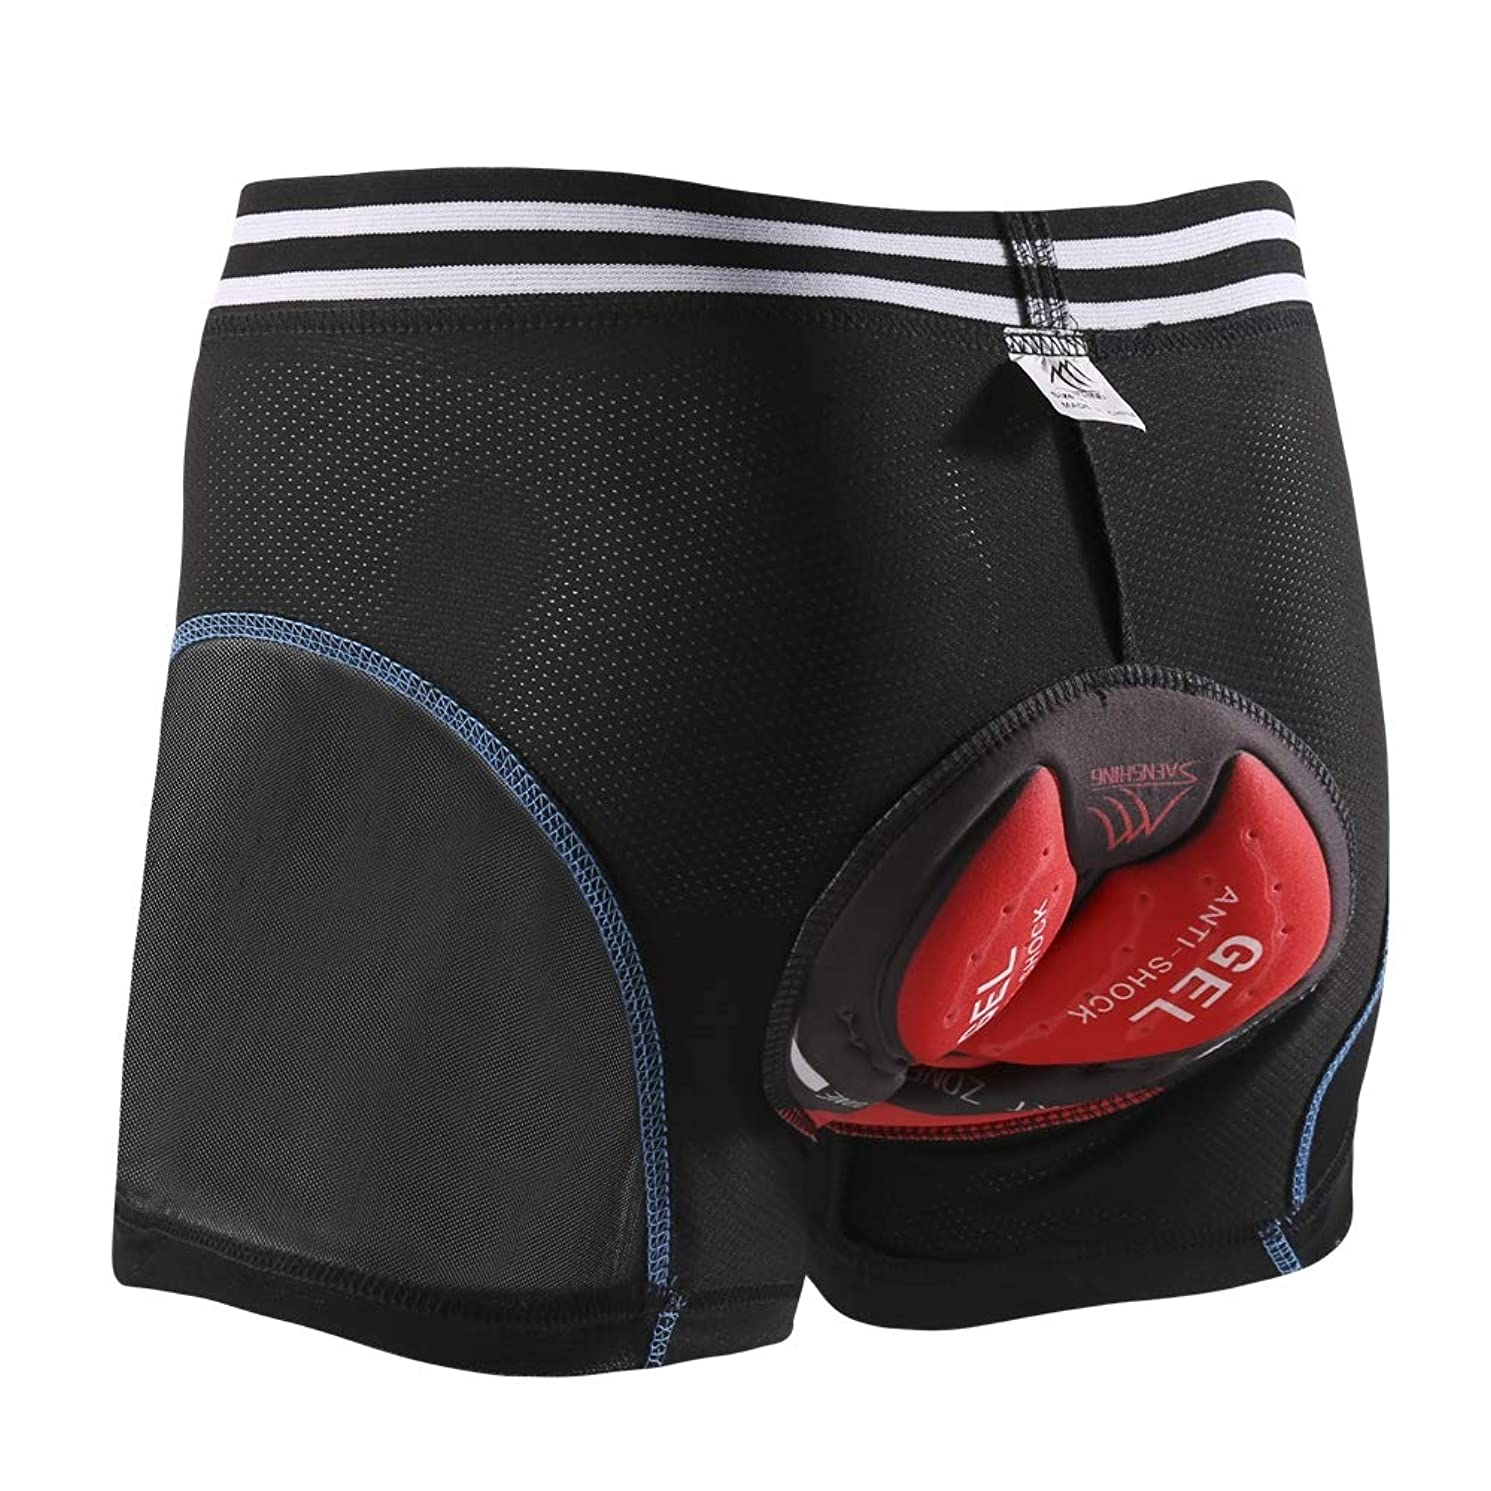 SAENSHING Men's Waterproof MTB Cycling Shorts Baggy Mountain Bike Shorts Loose-Fit Bicycle Biking Shorts Quick Dry